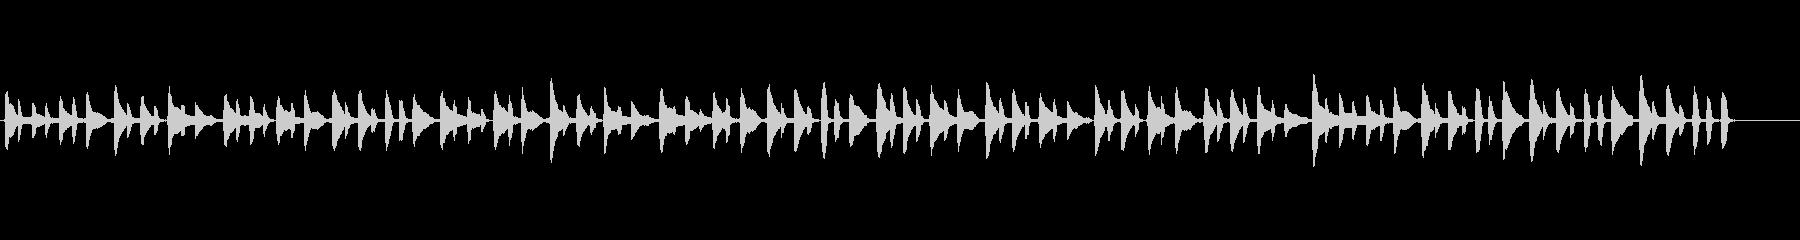 pianoだけの曲ですの未再生の波形